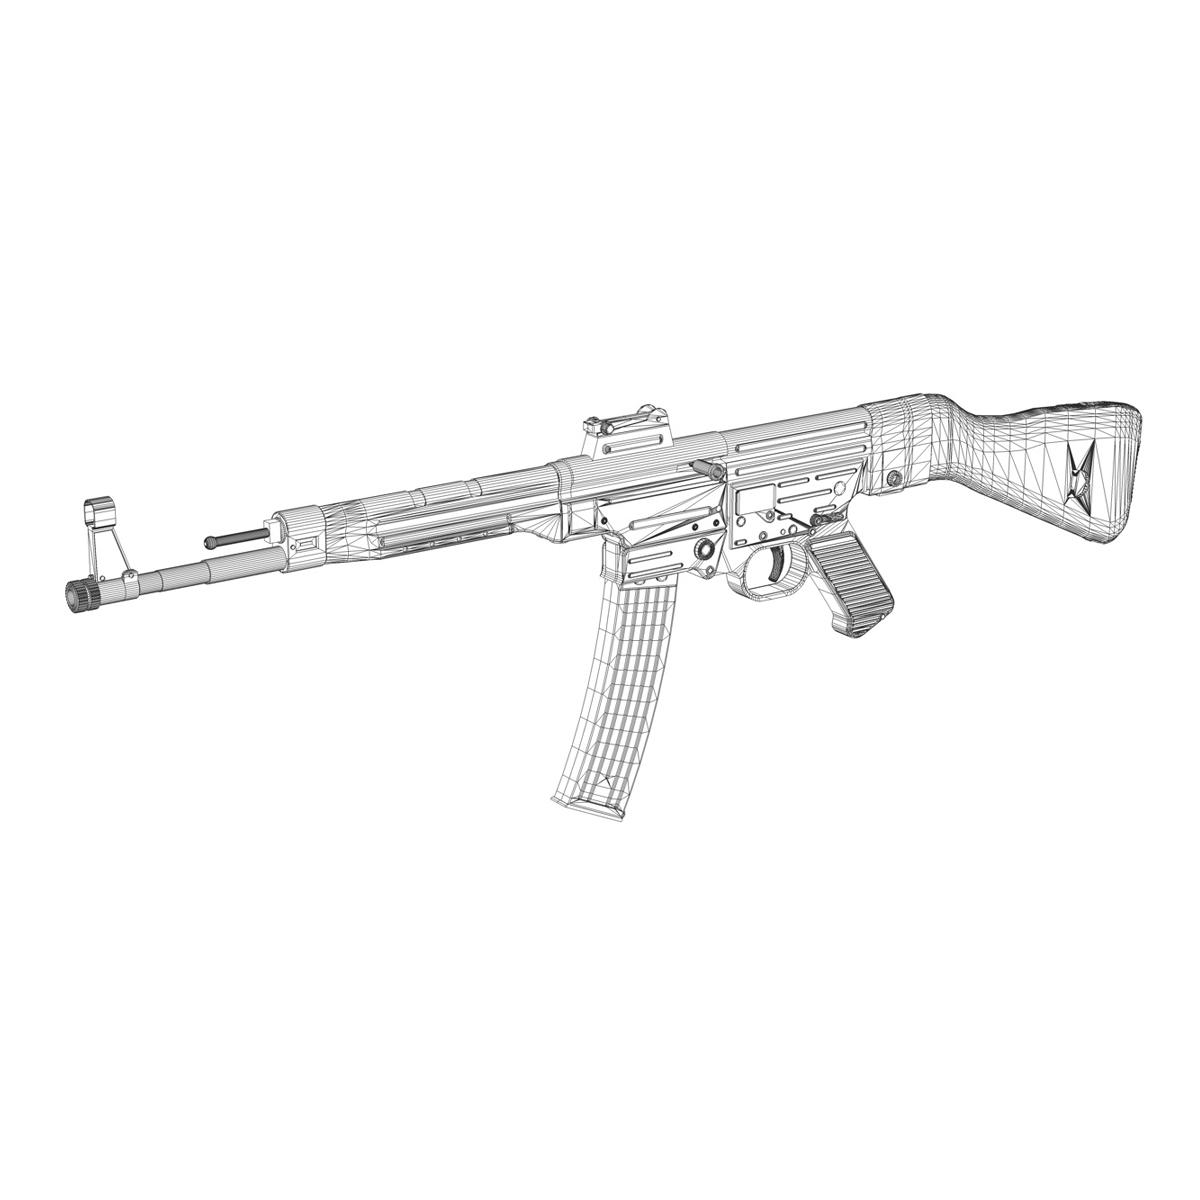 sturmgewehr 44 - mp44 - német támadás puska 3d modell 3ds fbx c4d lwo obj 195182